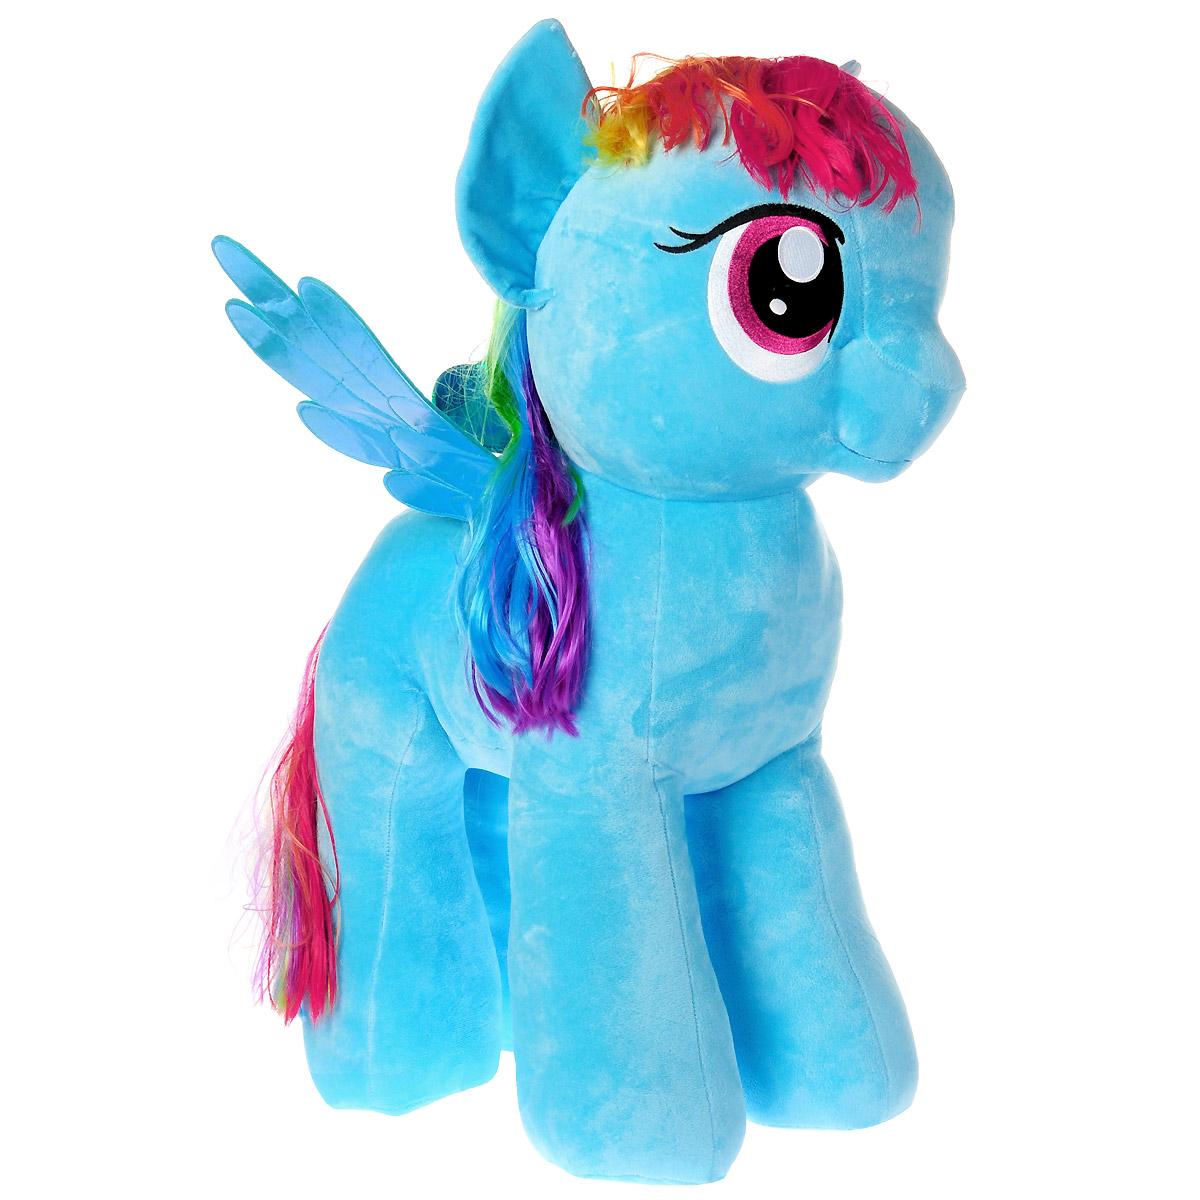 My Little Pony Мягкая игрушка Пони Rainbow Dash, 41 см90211Мягкая игрушка Rainbow Dash выполнена в виде очаровательной пони нежно-голубого цвета с длинным радужным хвостом, разноцветной гривой и переливающимися крылышками. Игрушка изготовлена из высококачественного текстильного материала с набивкой из синтепона. Грива и хвостик Рэйнбоу Дэш выполнены из мягкого текстиля, их можно заплетать и расчесывать. Игрушка имеет специальные уплотнения в ногах, что позволяет ей стоять самостоятельно, без опоры. Как и все игрушки серии Beanie Buddy, она изготовлена вручную, с любовью и вниманием к деталям. Рэйнбоу Дэш - очень смелая, целеустремленная пони, она не любит проигрывать, зато обожает победы, скорость, а больше всего на свете она любит летать. Хобби Рэйнбоу - это, естественно, полеты и ее работа - очищение неба и устройство погоды в Понивилле. Удивительно мягкая игрушка принесет радость и подарит своему обладателю мгновения нежных объятий и приятных воспоминаний. Специальные гранулы, используемые при ее набивке, способствуют...